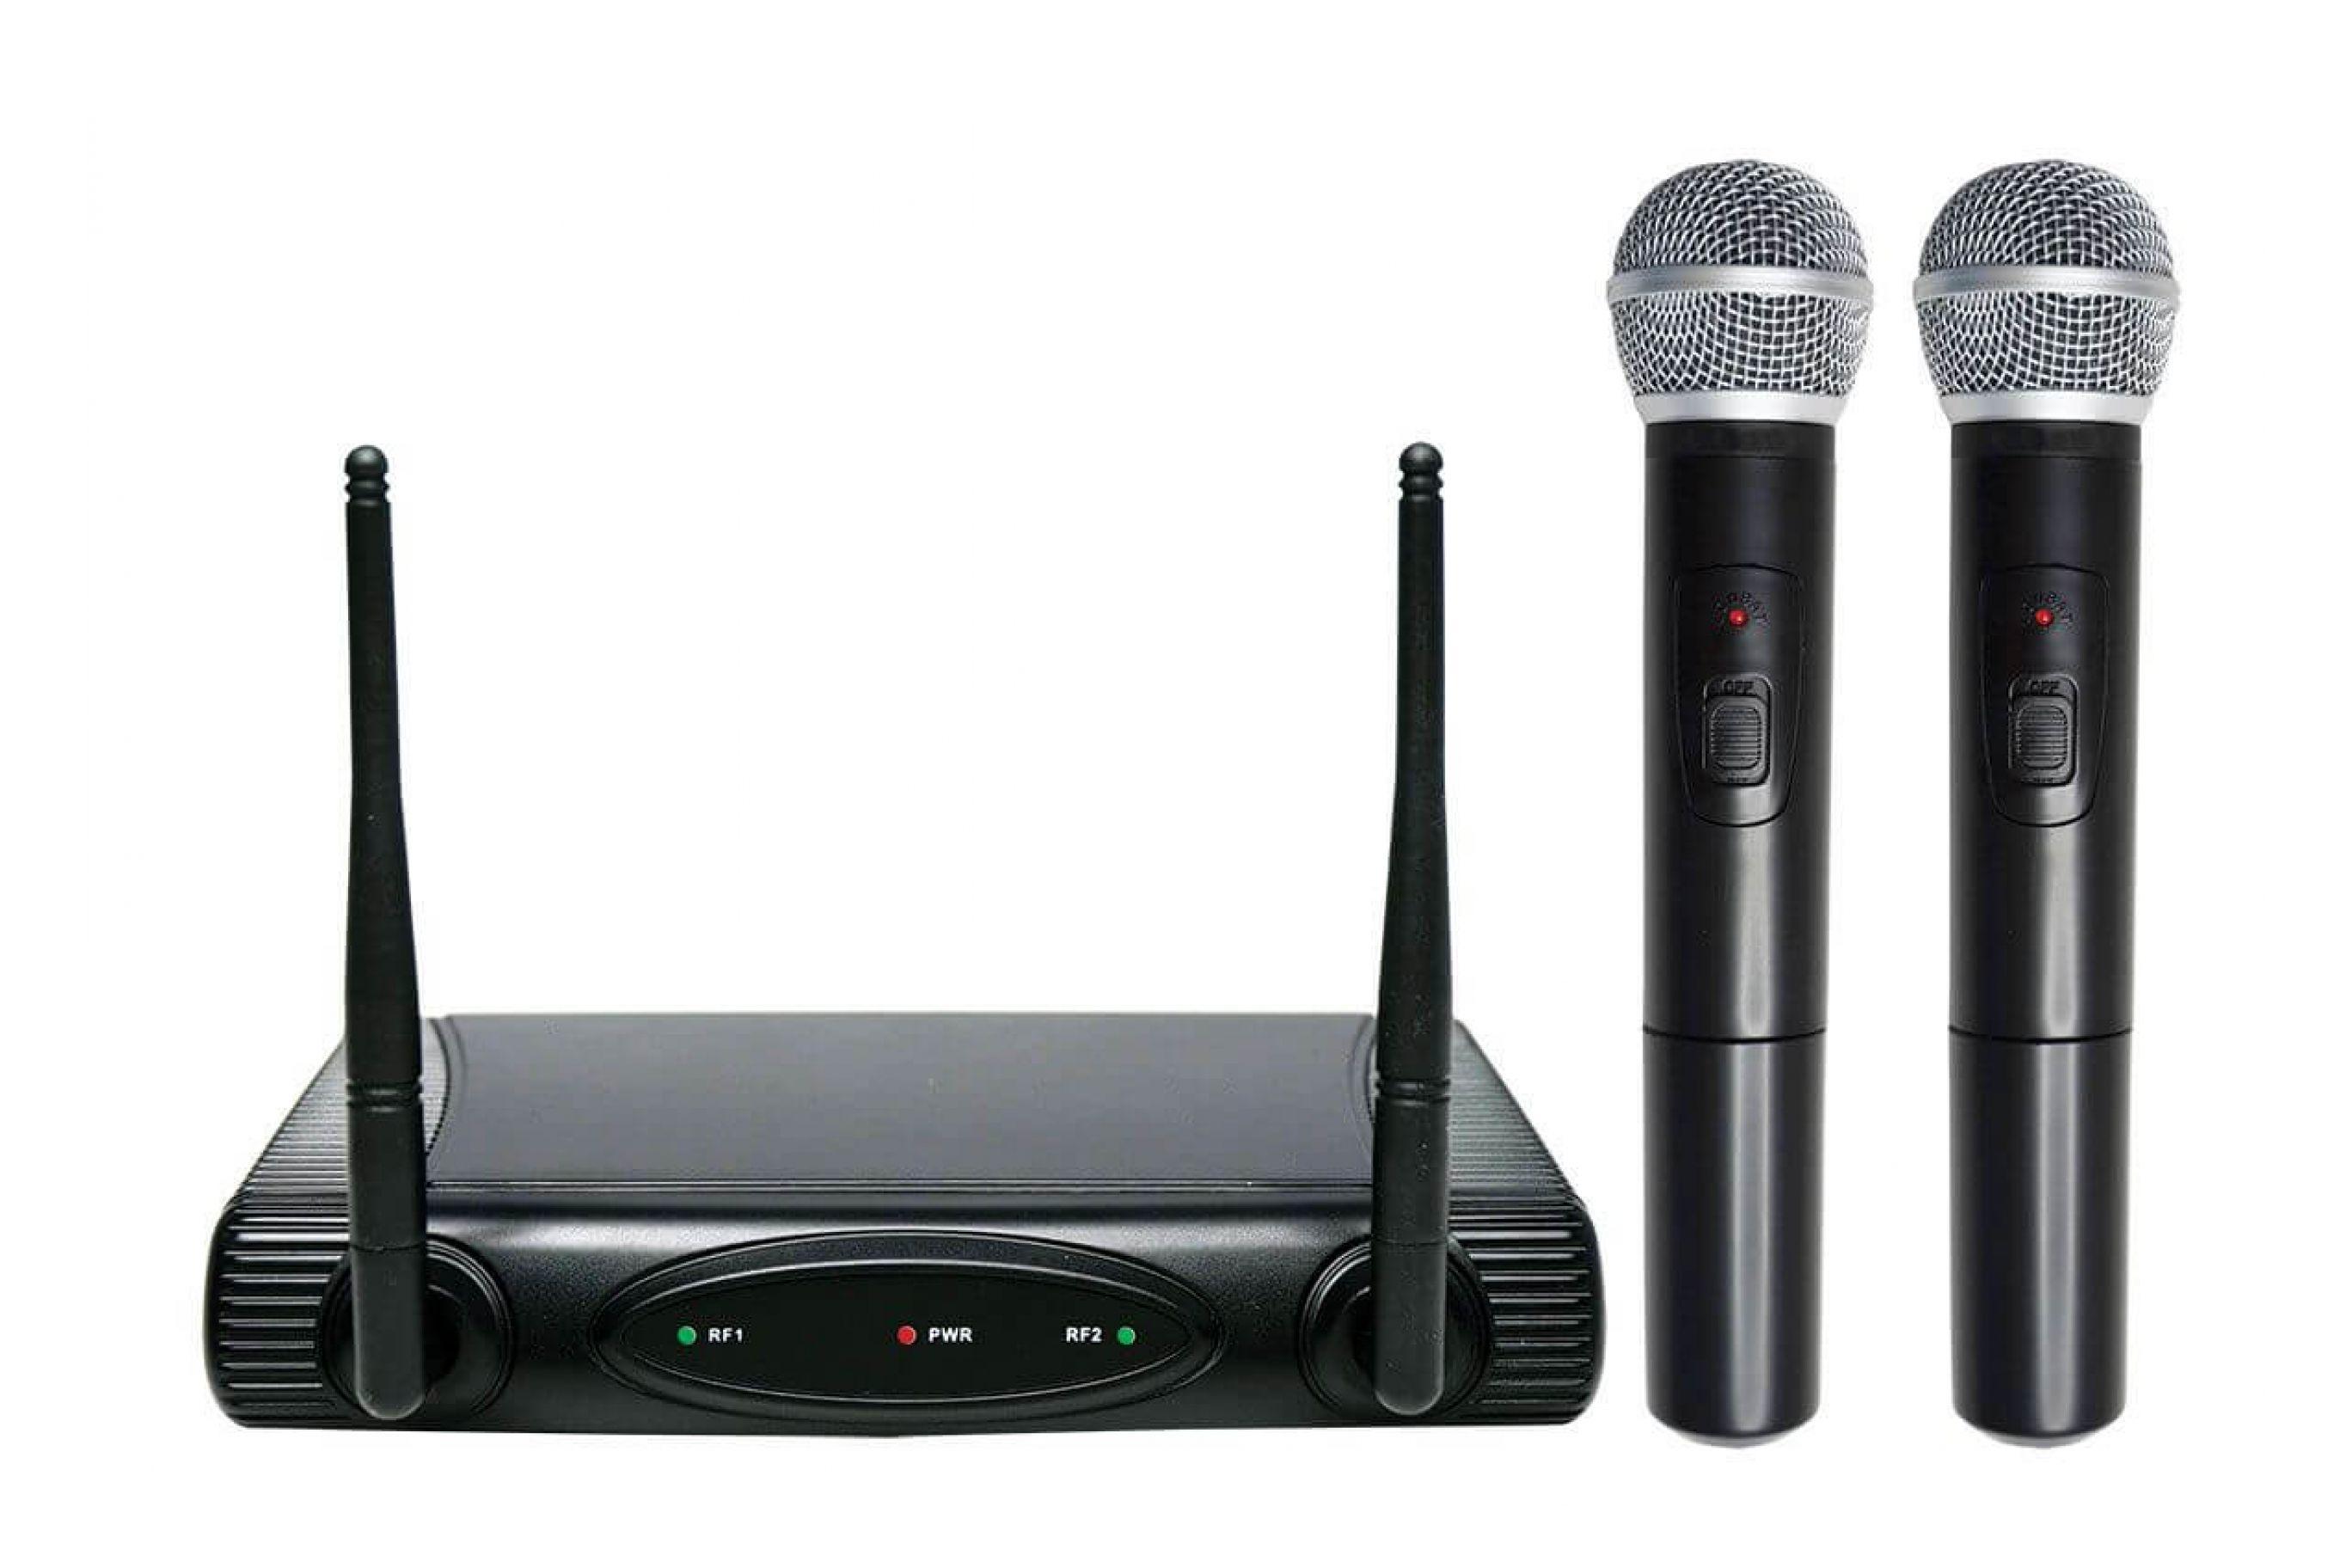 Guida ai microfoni wireless musical store 2005 - Microfono da tavolo wireless ...